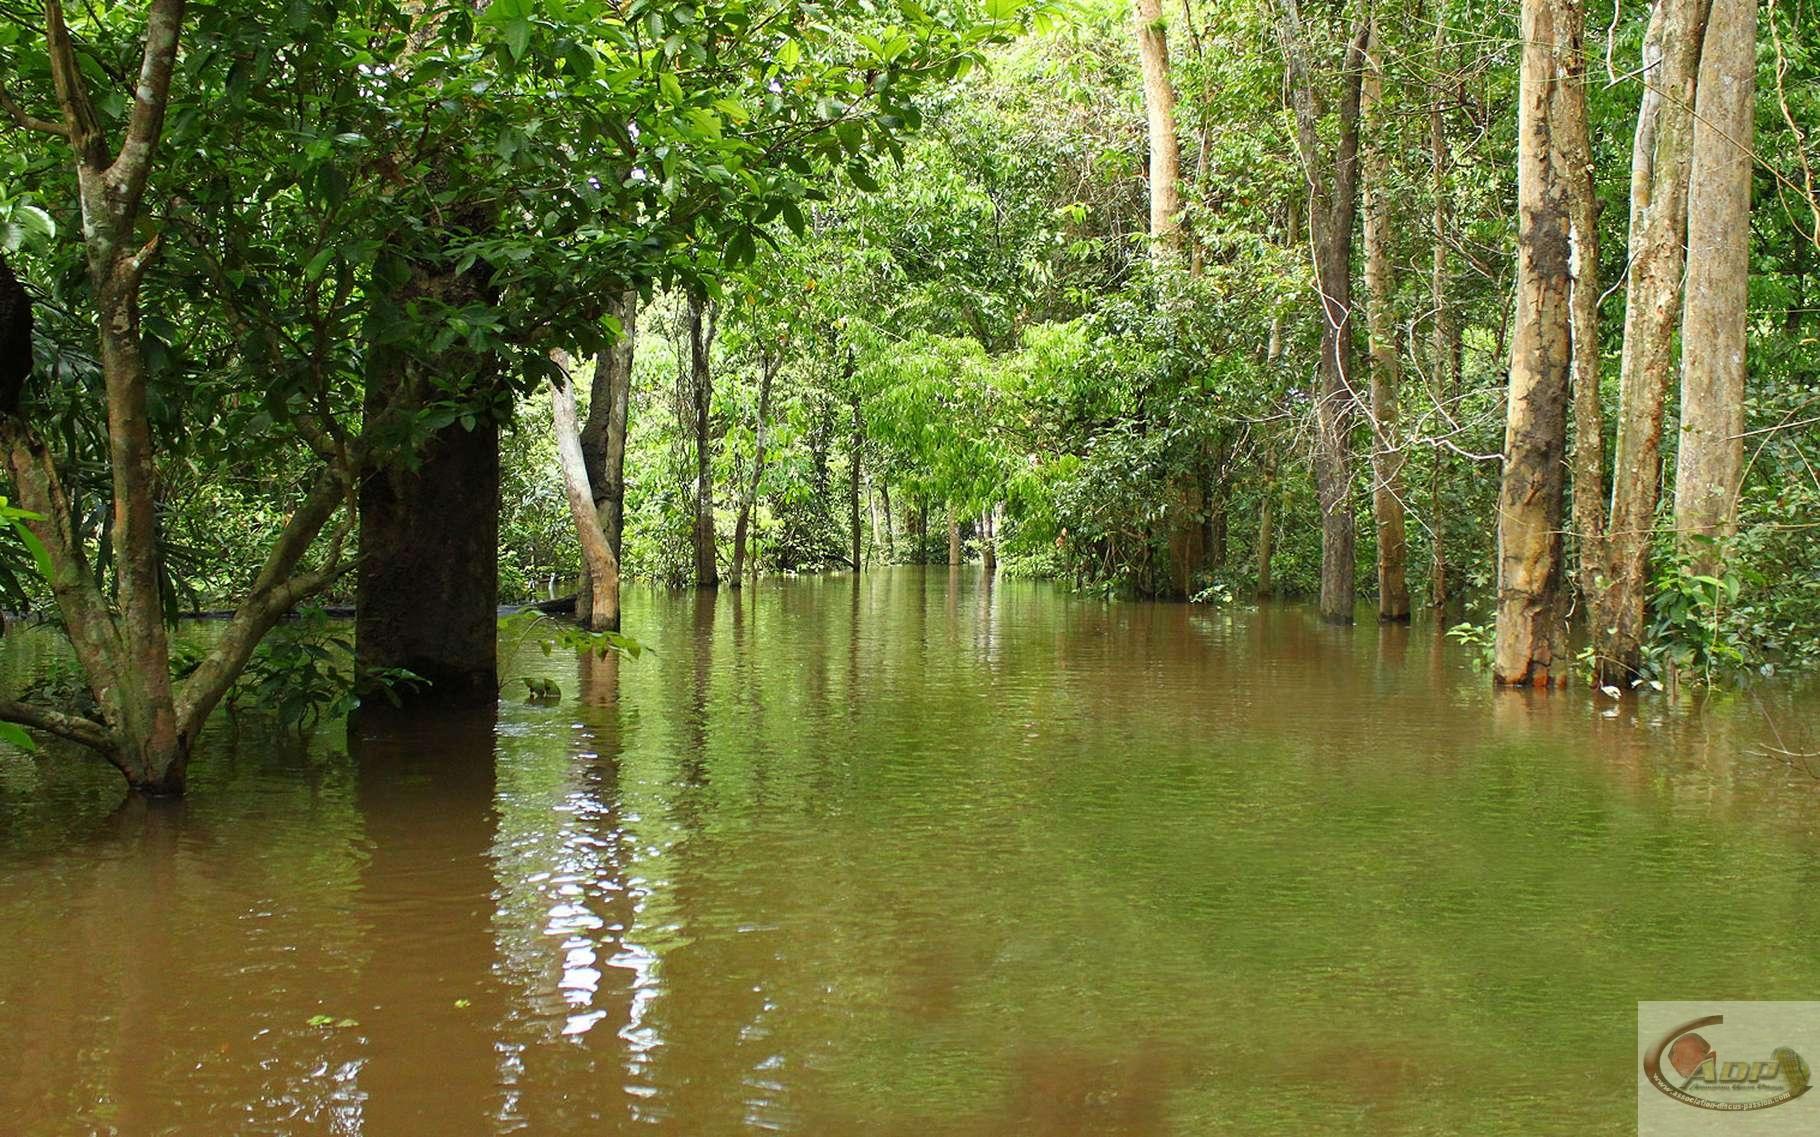 Parc National de Jaú - Amazonie. © Artur Warchavchik, Wikimedia commons, CC by-sa 3.0